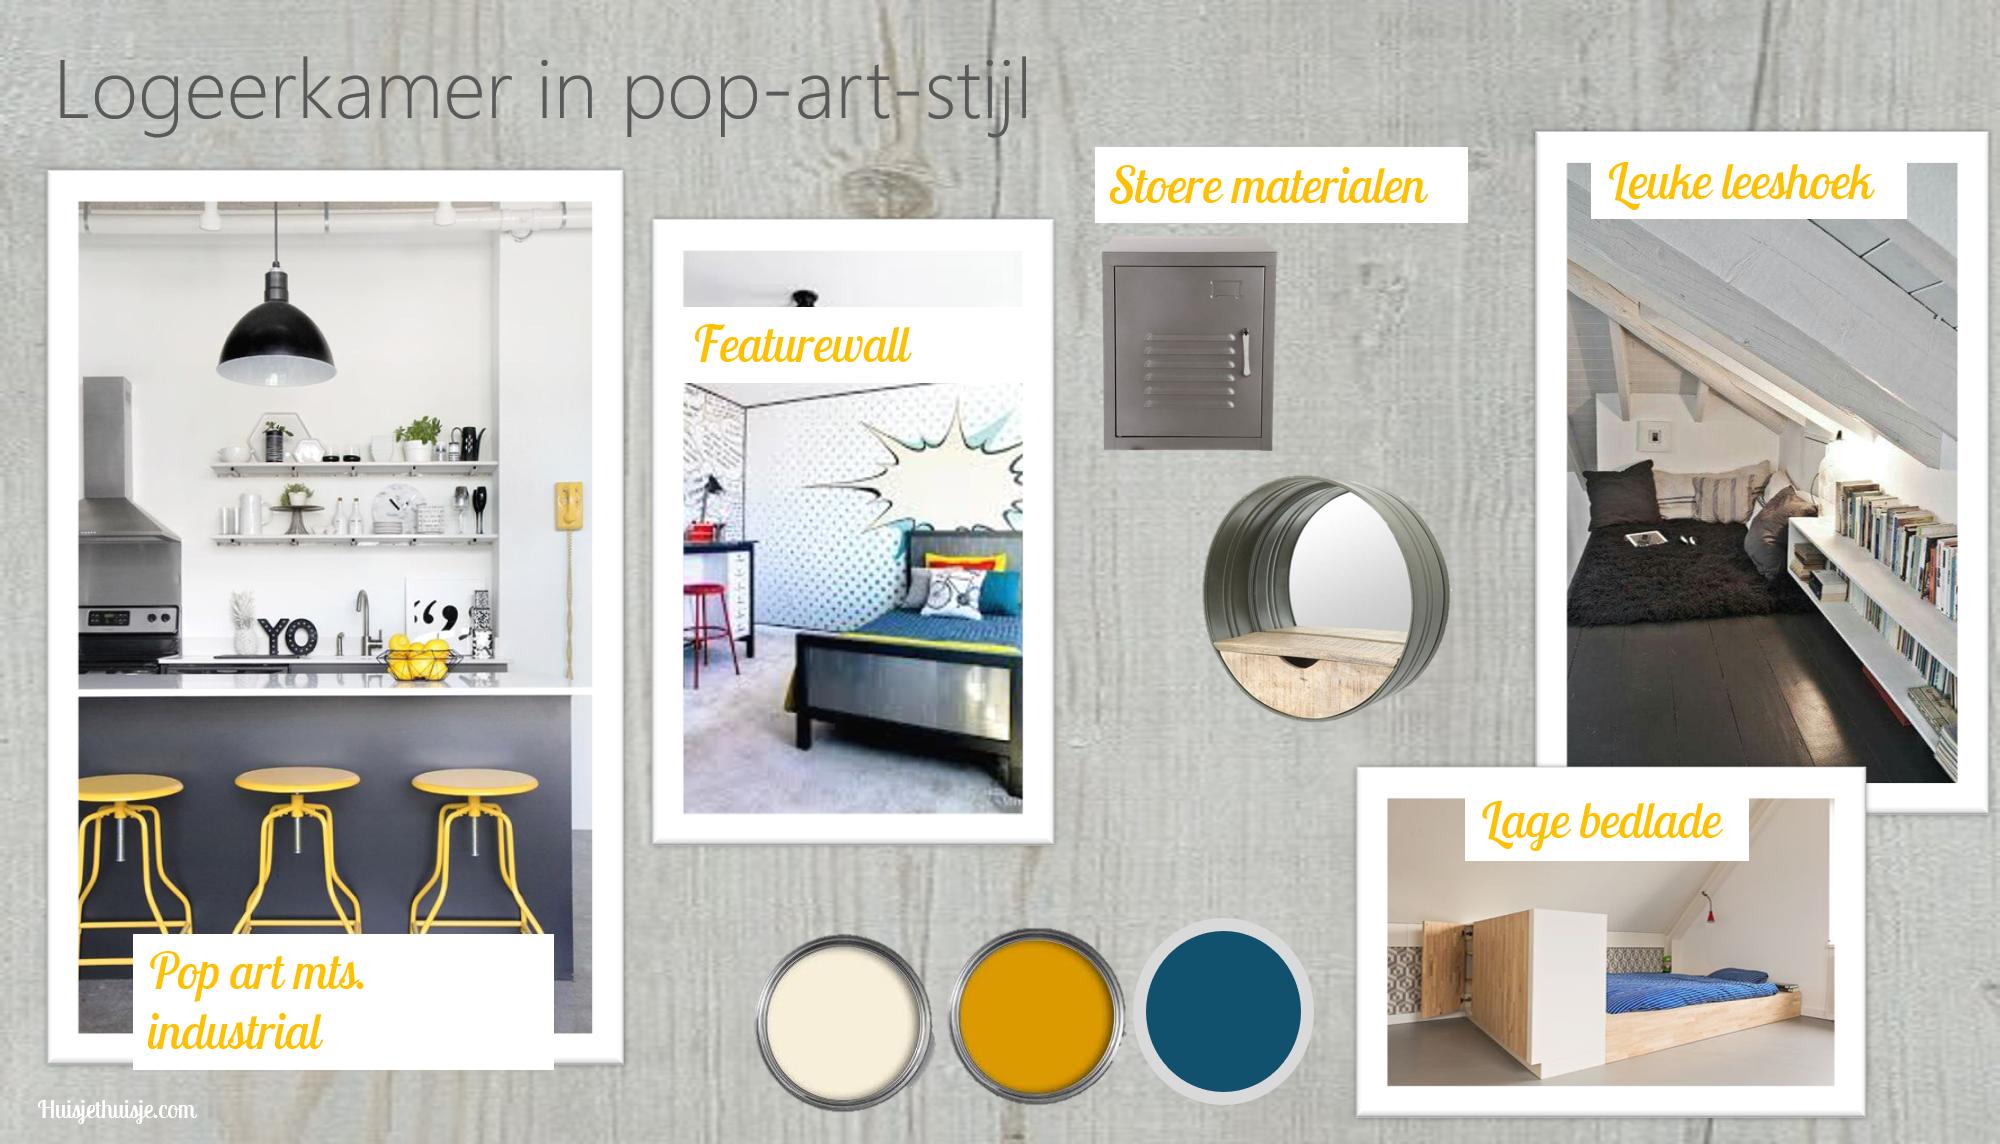 Huisjethuisje-logeerkamer-pop-art-industriële-stijl